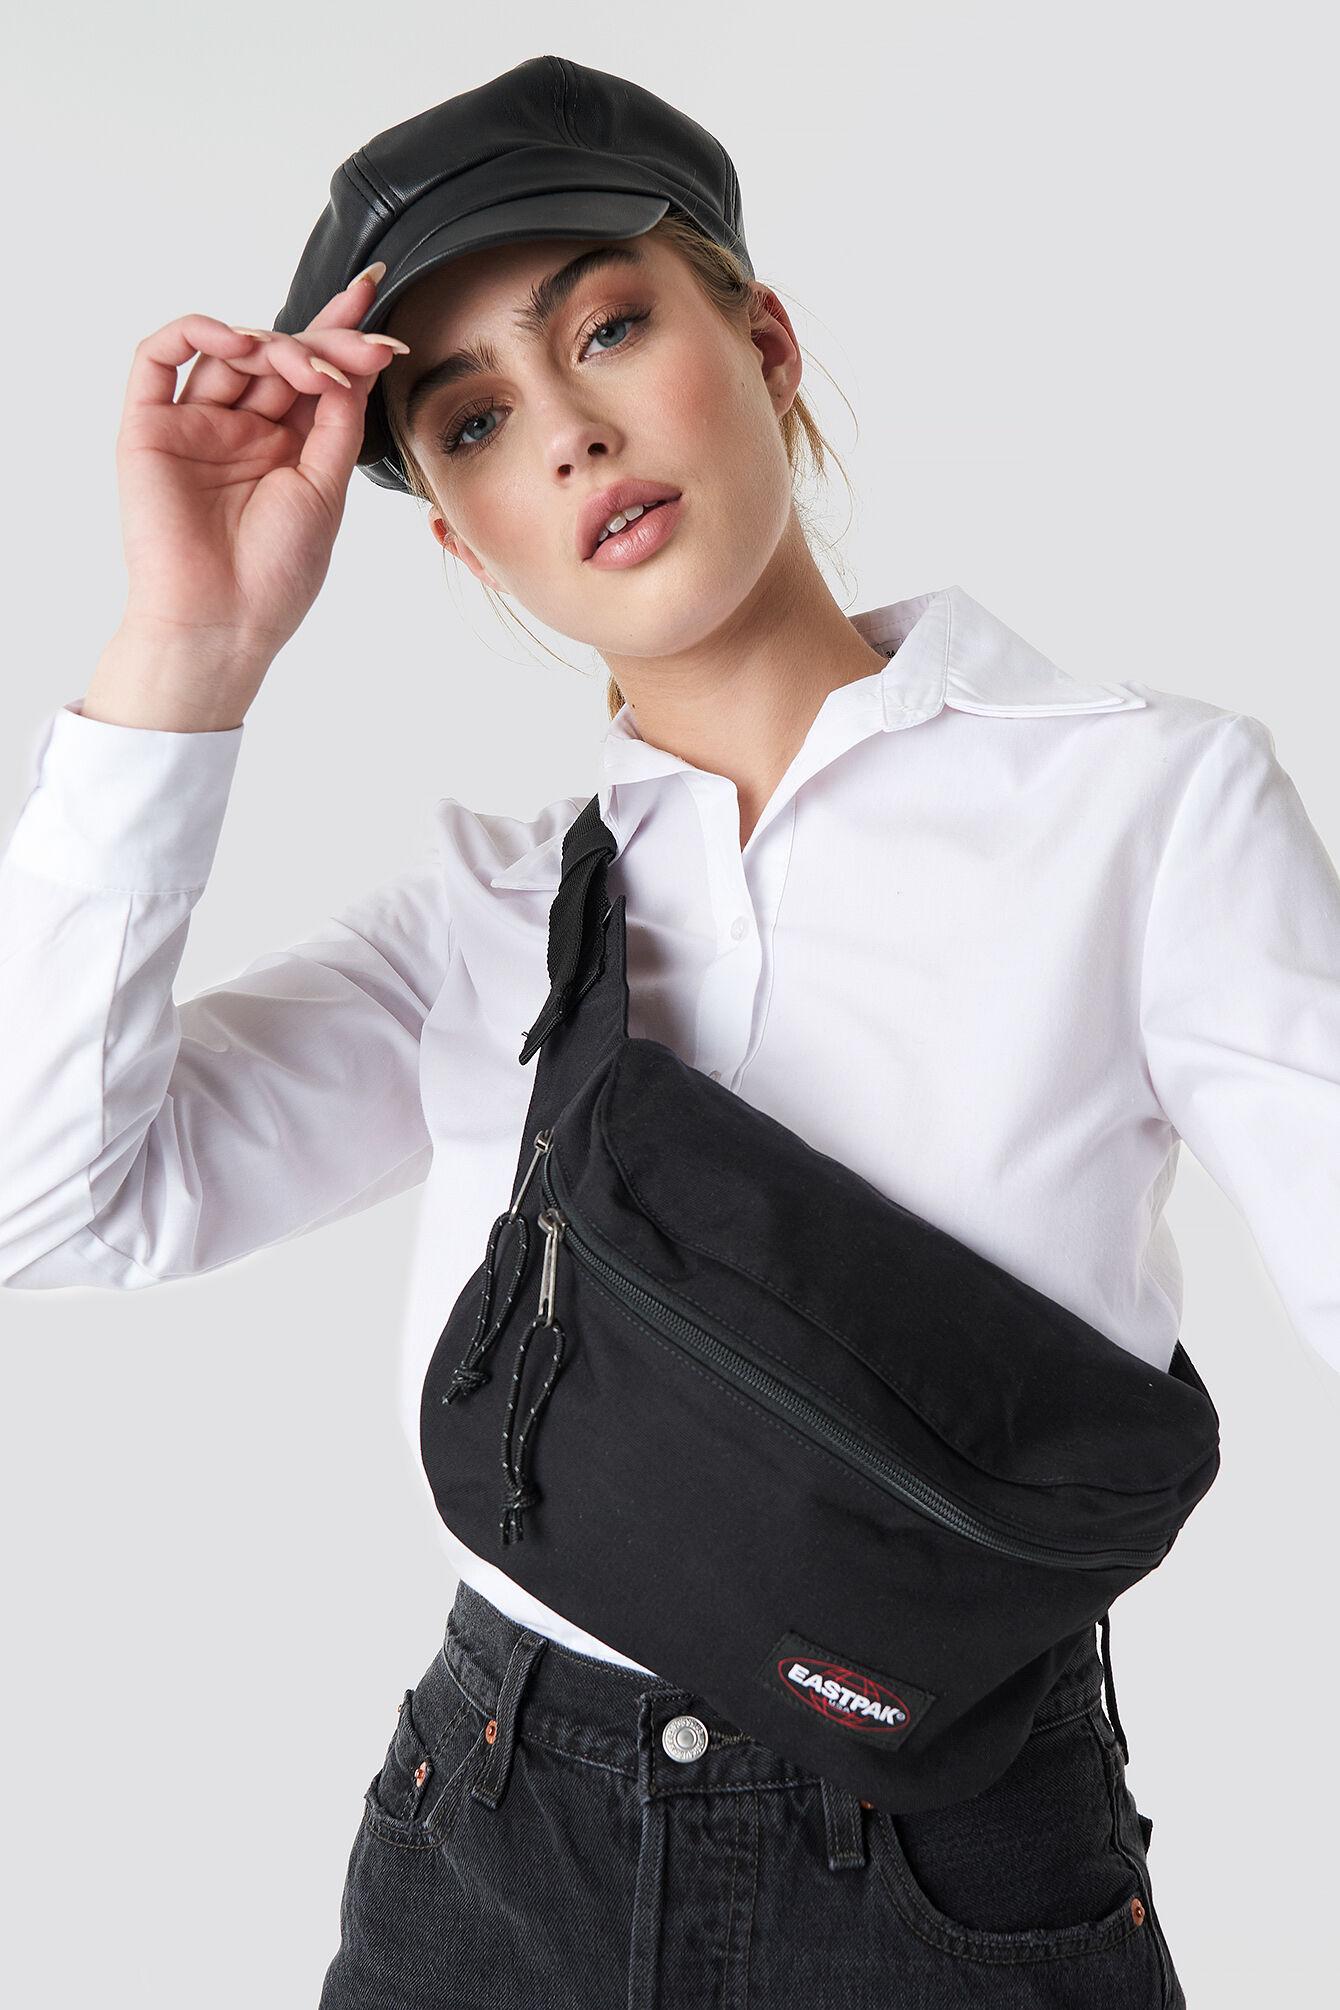 Eastpak Bane Bag - Black